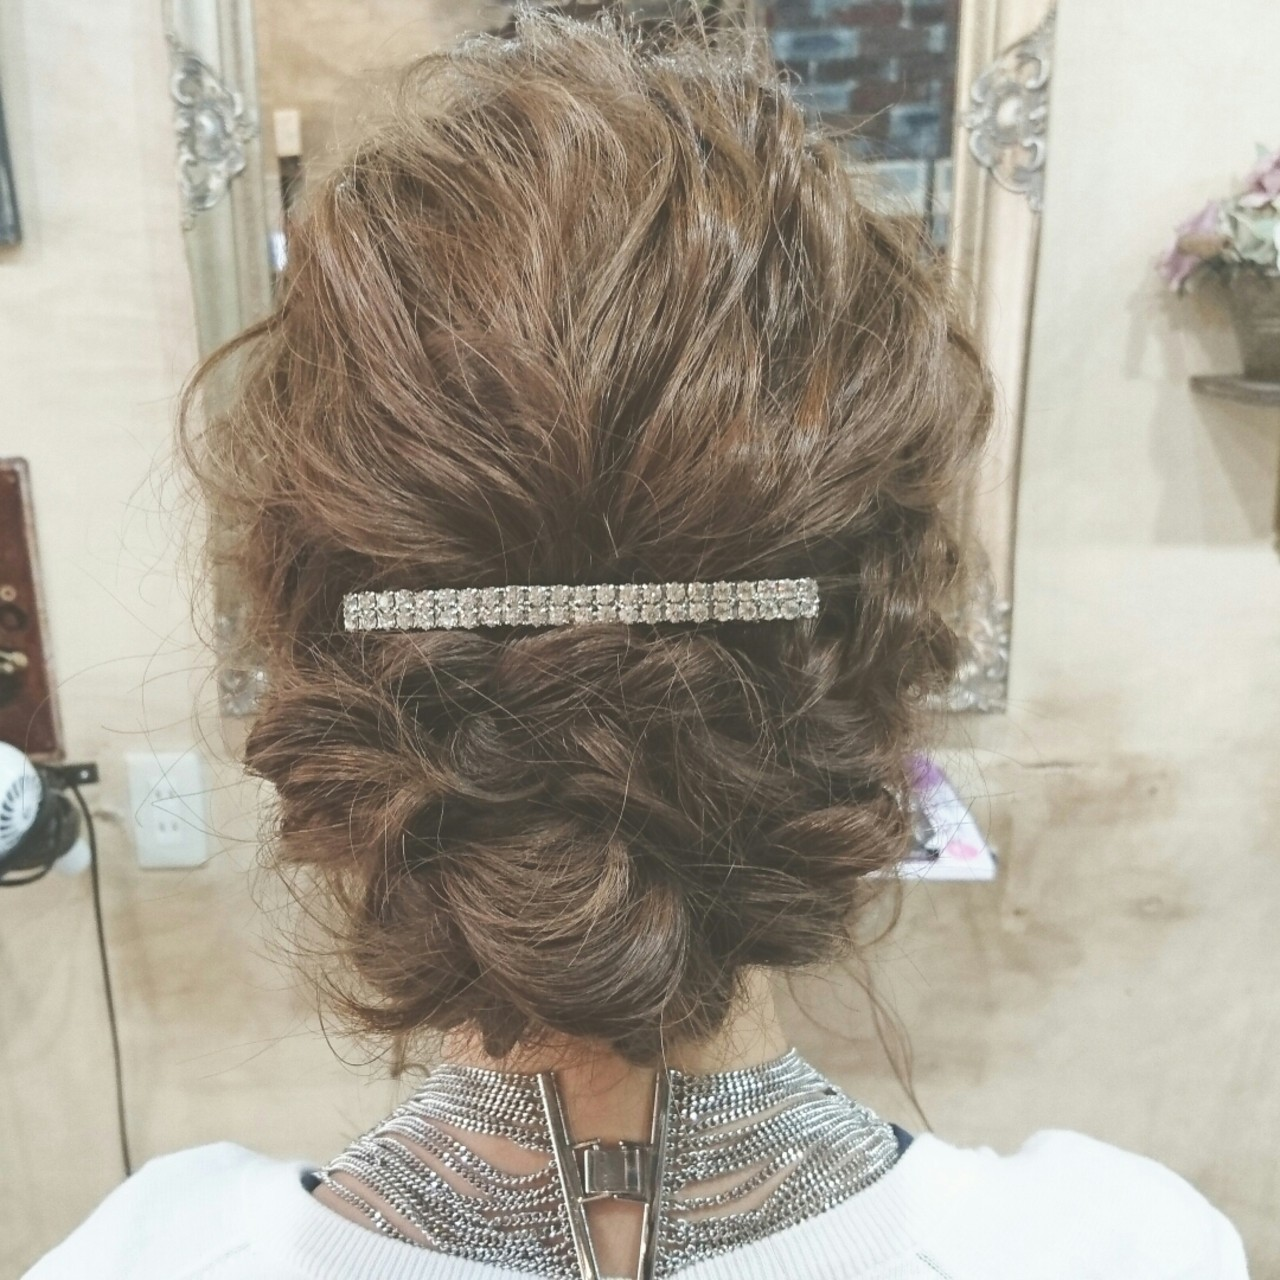 波ウェーブ ゆるふわ 大人かわいい セミロング ヘアスタイルや髪型の写真・画像